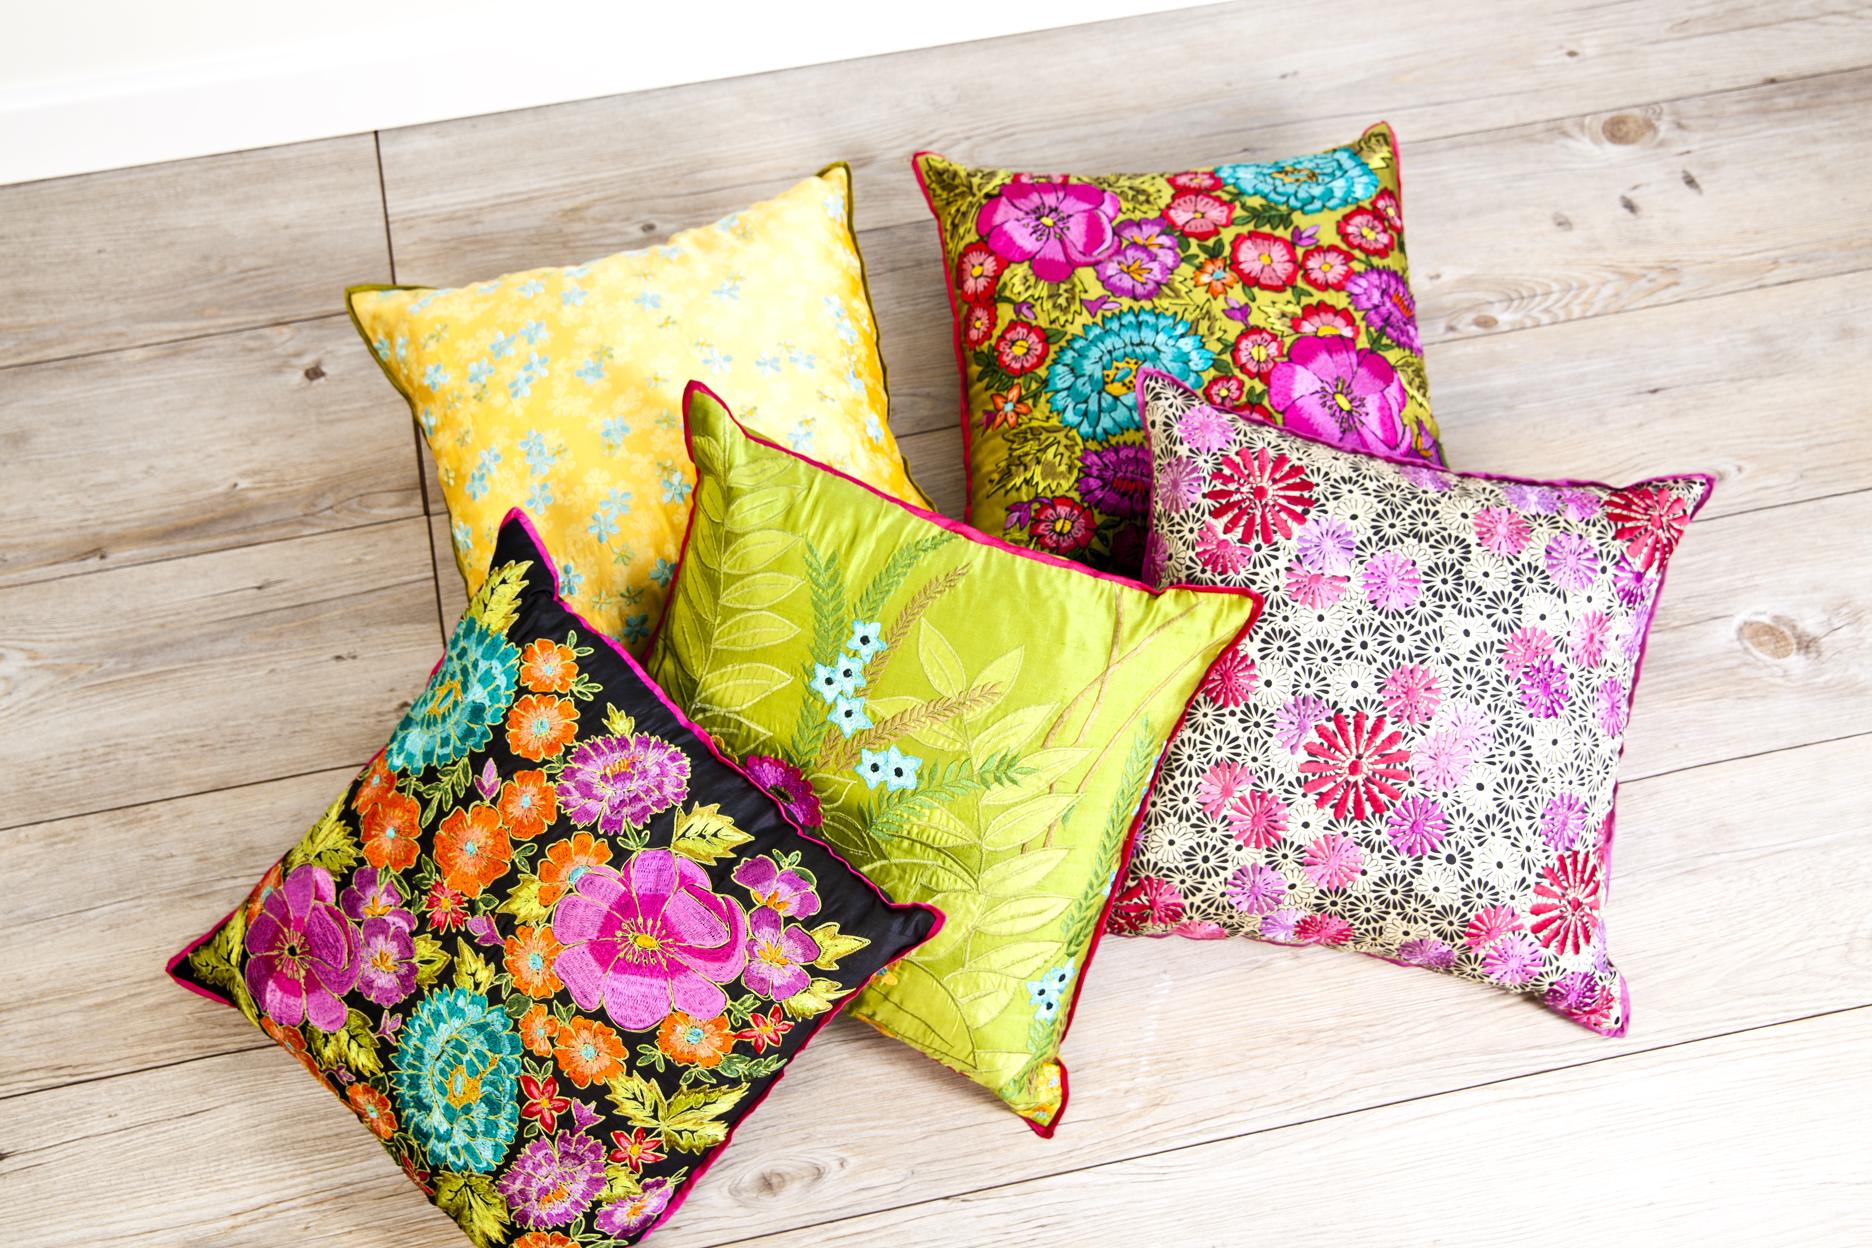 Mobili colorati nuance fluo e tinte pastello dalani e - Pomelli colorati per mobili ...